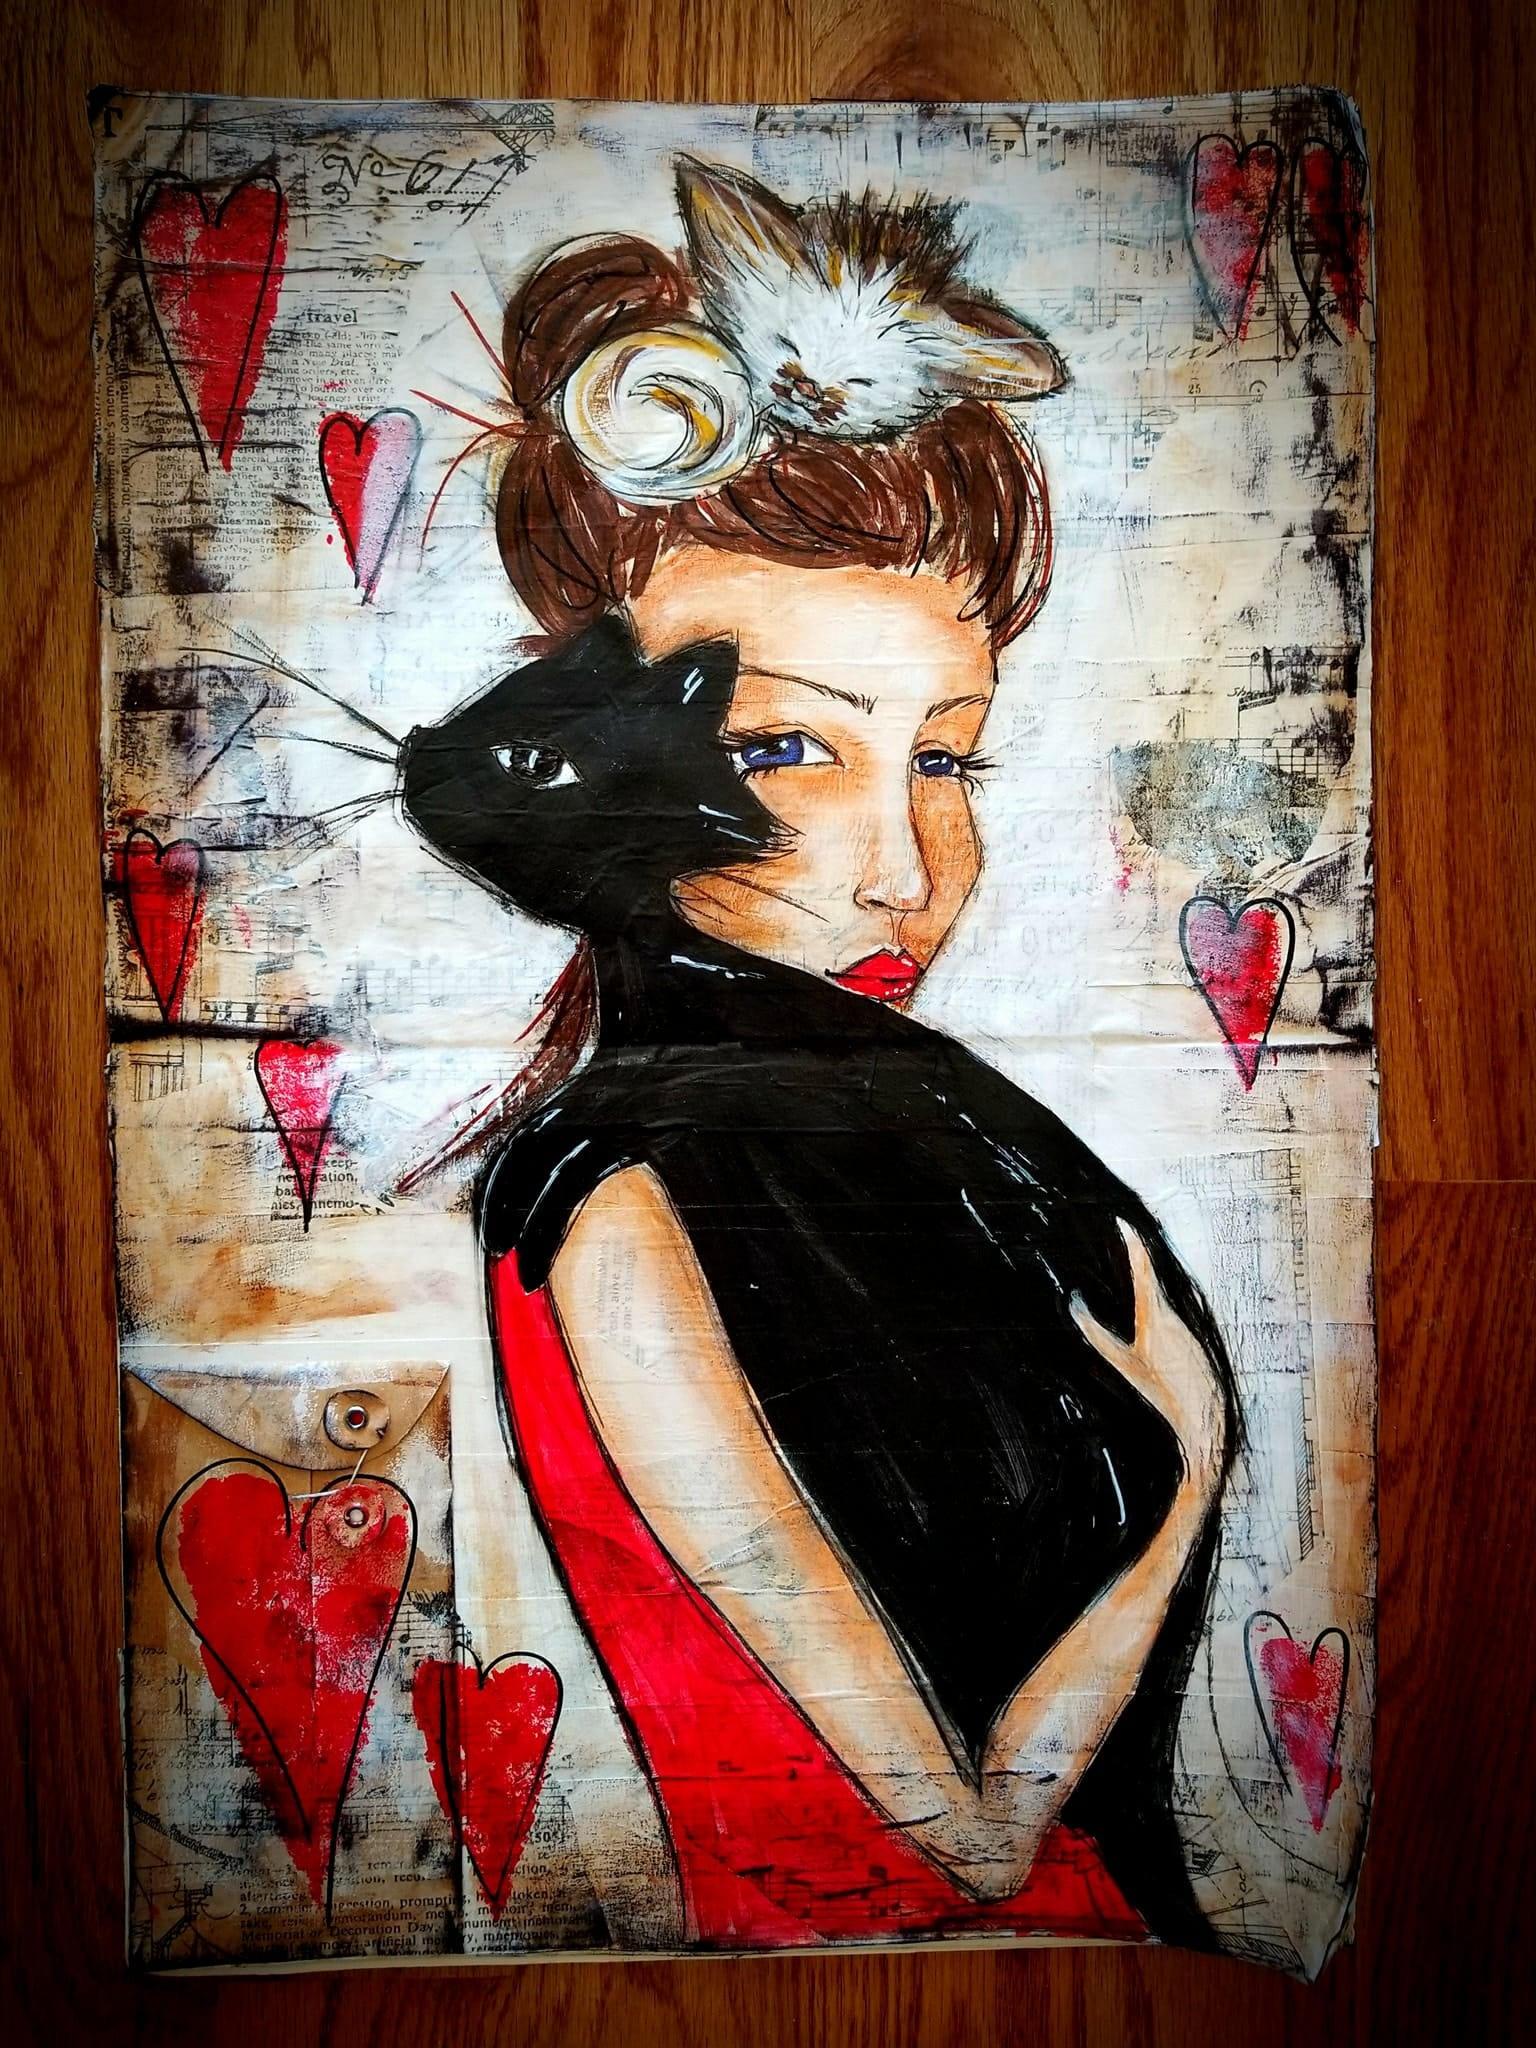 Pelzigen Freund Hommage ich liebe Katzen Kunstwerk   Etsy